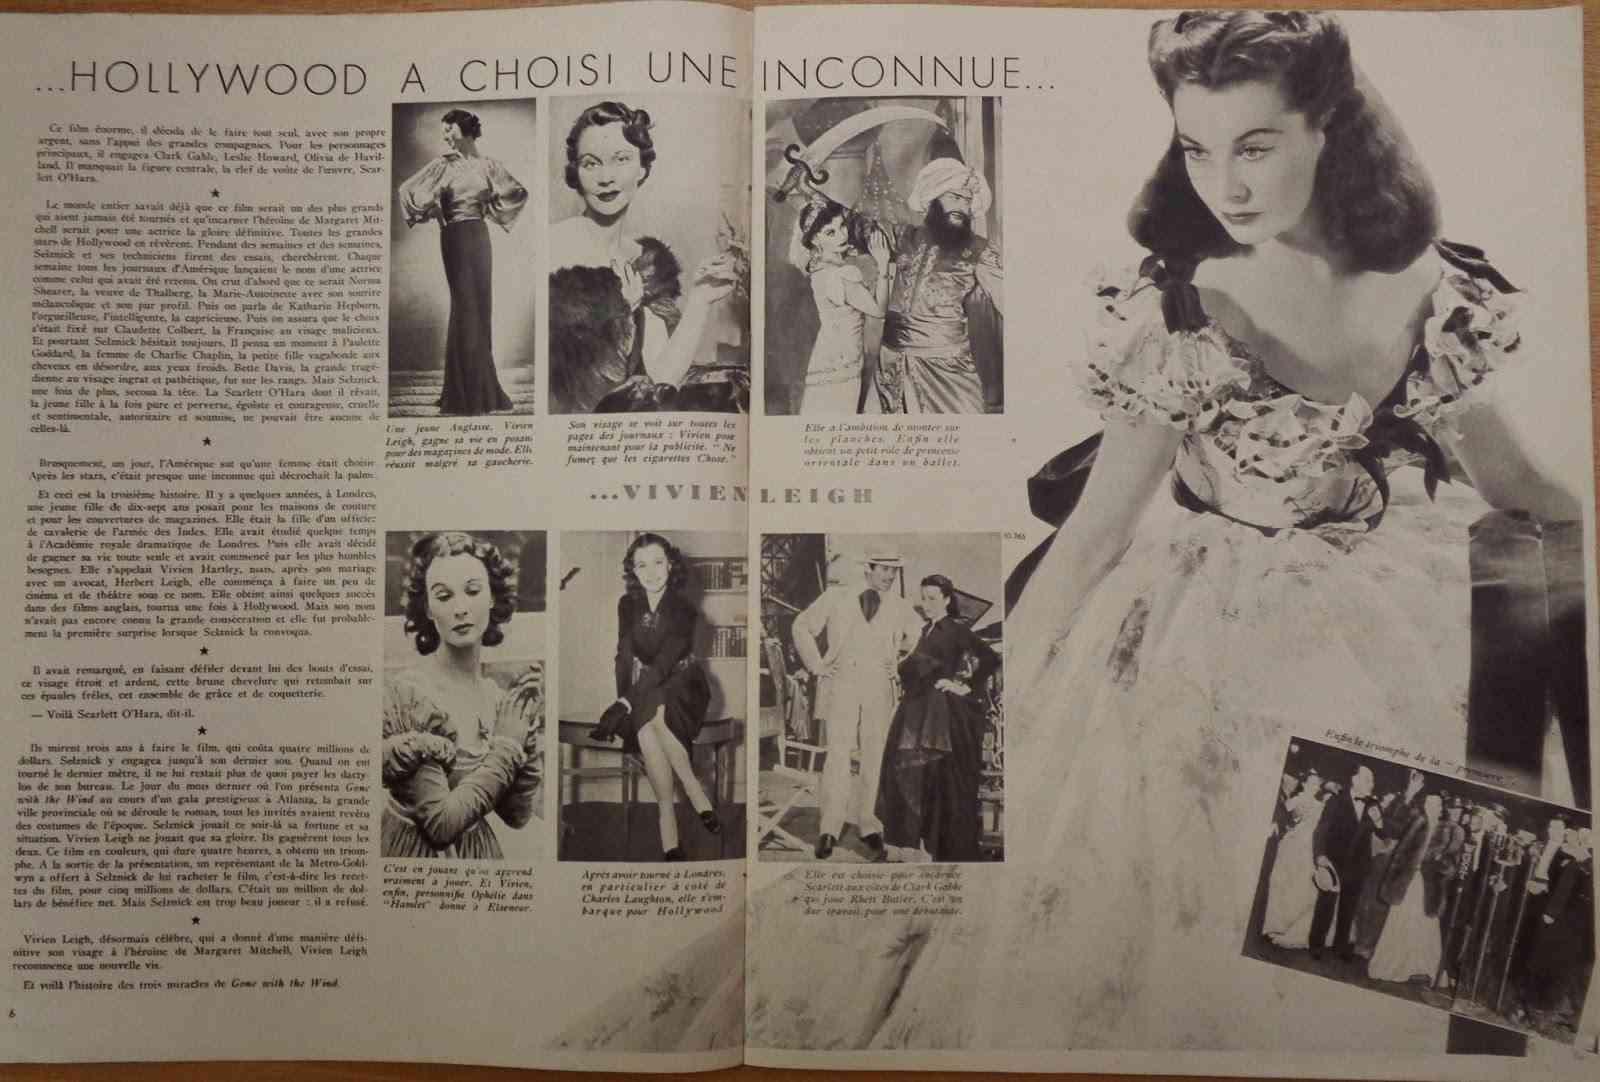 """Articol Marie Claire cu vedetele de la Hollywood din 1940: Vivien Leigh ca Scarlett O'Hara în """"Gone with the Wind""""."""